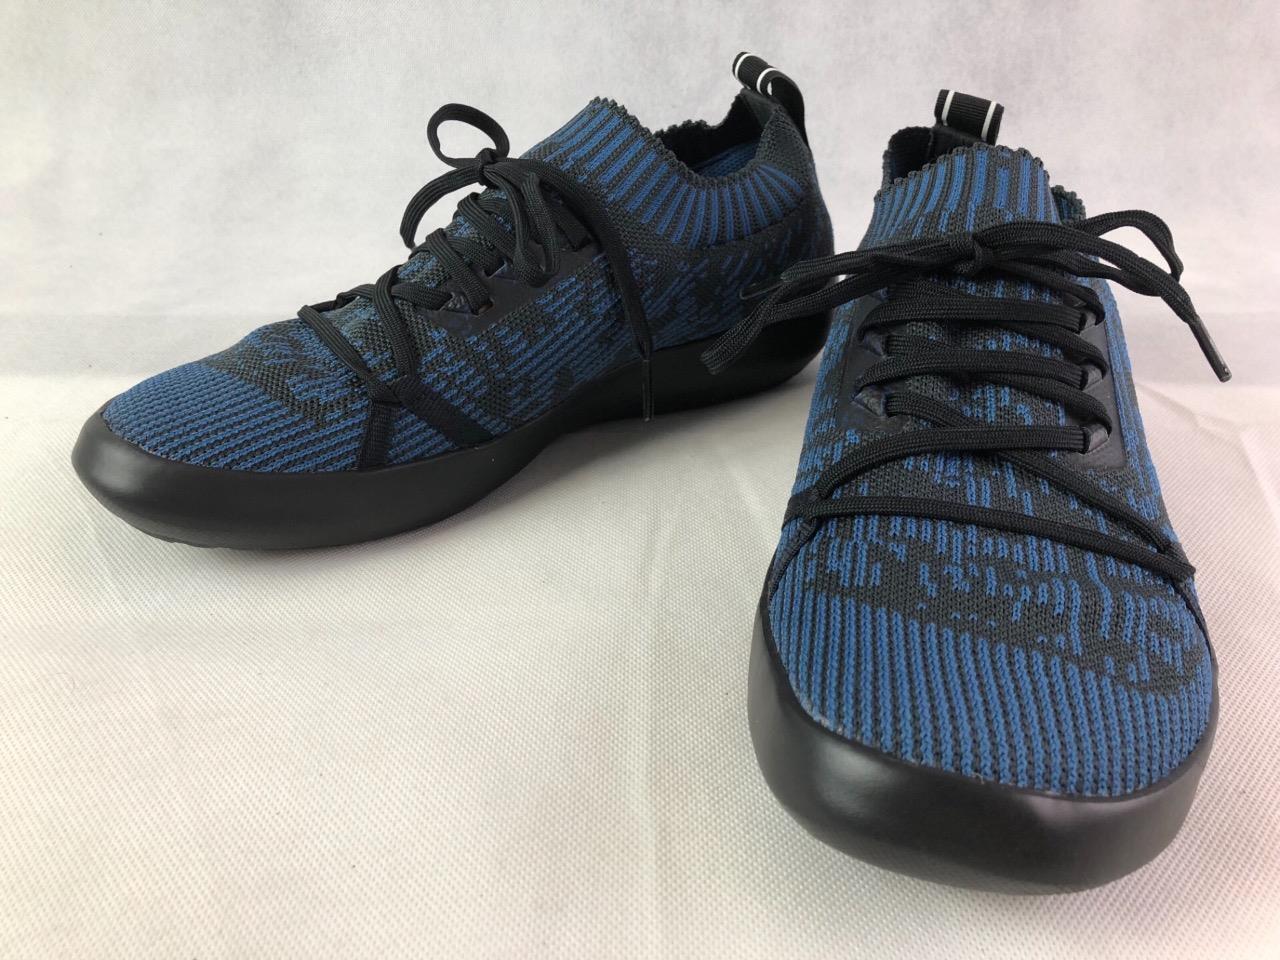 Adidas terex terex terex - parlay barca da8848 outdoor nucleo blu respirabile 9 nuove scarpe a9e62e